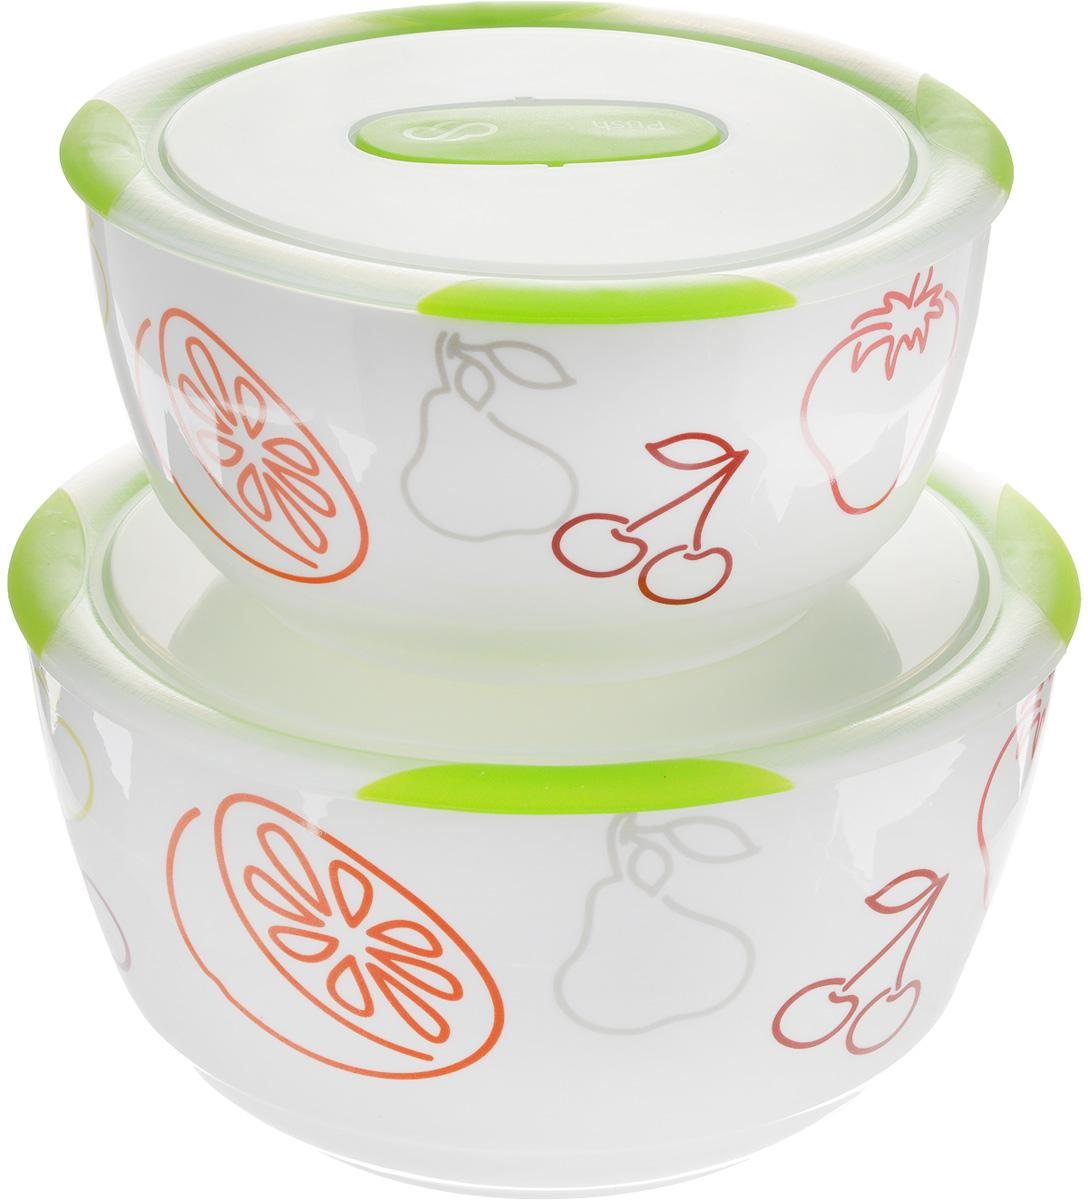 Набор мисок Oursson Bon Appetit, с крышками, цвет:зеленое яблоко, белый, 2 штBS4781RC/GAНабор Oursson состоит из двух мисок разного размера, выполненных из керамики и оформленных рисунком. Керамика, из которой изготовлены емкости, выдерживает температуру до 250°С, поэтому подать блюда на стол можно сразу после приготовления в микроволновой печи или духовом шкафу.Миски снабжены плотно закрывающимися пластиковыми крышками с технологией Clip Fresh. Такой набор прекрасно подходит для хранения продуктов и соусов без проливания, которые не прольются при переноске благодаря силиконовому уплотнителю, обеспечивающему 100% герметичность.Миски являются универсальным приобретением для любой кухни. С их помощью можно готовить блюда, хранить продукты и даже сервировать стол. Оригинальный дизайн, высокое качество и функциональность набора Oursson позволят ему стать достойным дополнением к вашему кухонному инвентарю.Можно мыть в посудомоечной машине. Характеристика емкости №1: Объем: 3 л.Высота стенки: 11,3 см. Диаметр (по верхнему краю): 21,3 см.Характеристика емкости №2: Объем: 1,7 л.Высота стенки: 9 см.Диаметр (по верхнему краю): 18,1 см.